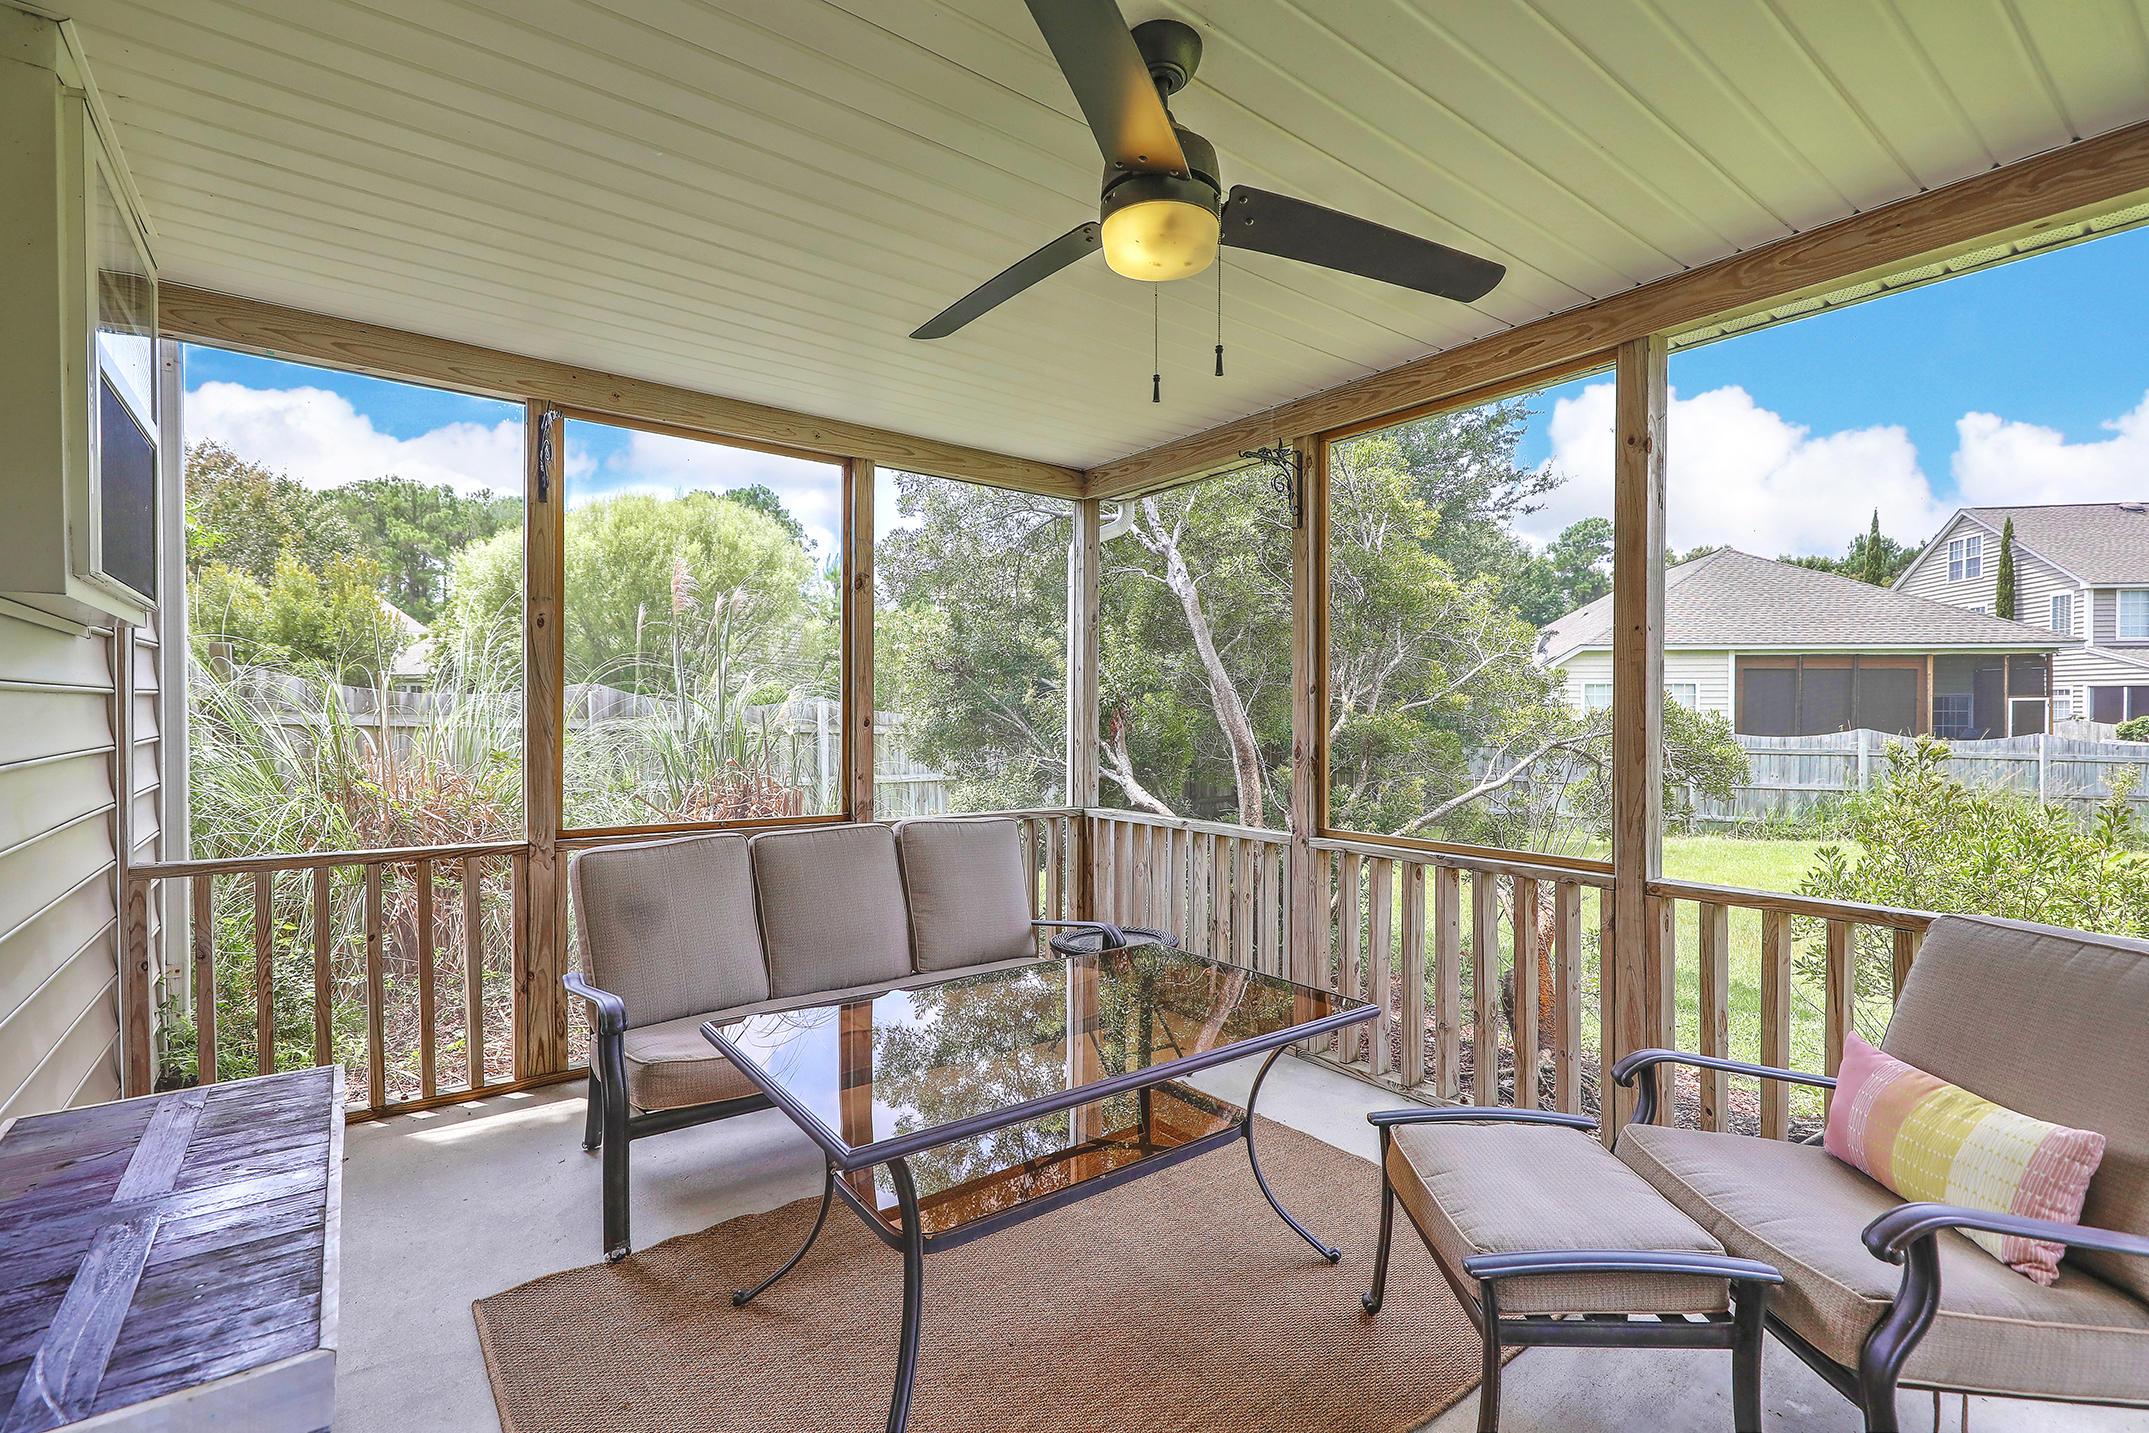 Park West Homes For Sale - 1676 Jorrington, Mount Pleasant, SC - 13